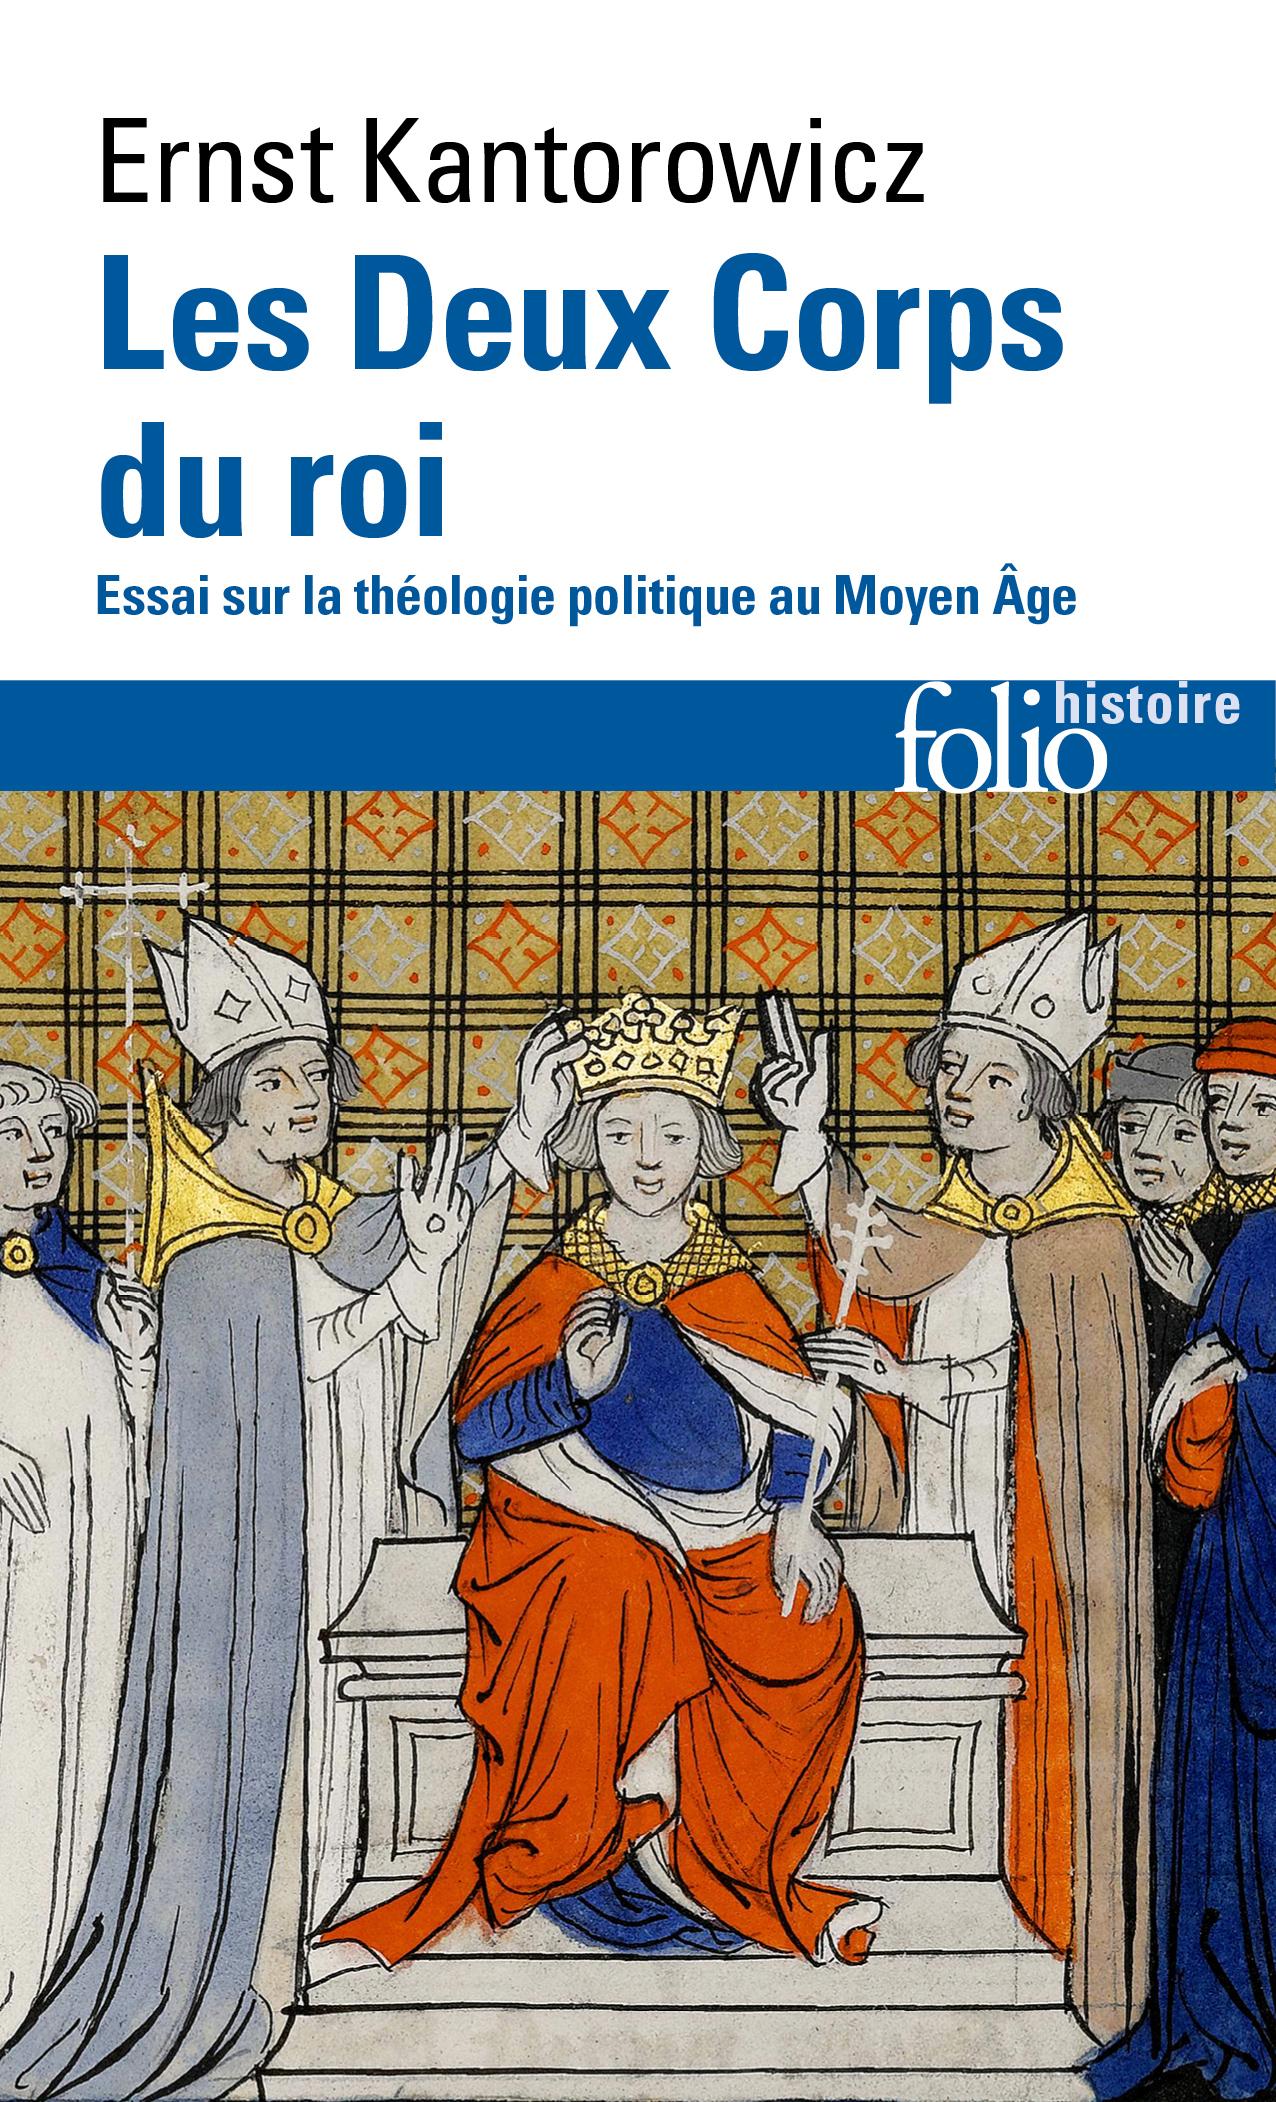 LES DEUX CORPS DU ROI - ESSAI SUR LA THEOLOGIE POLITIQUE AU MOYEN AGE